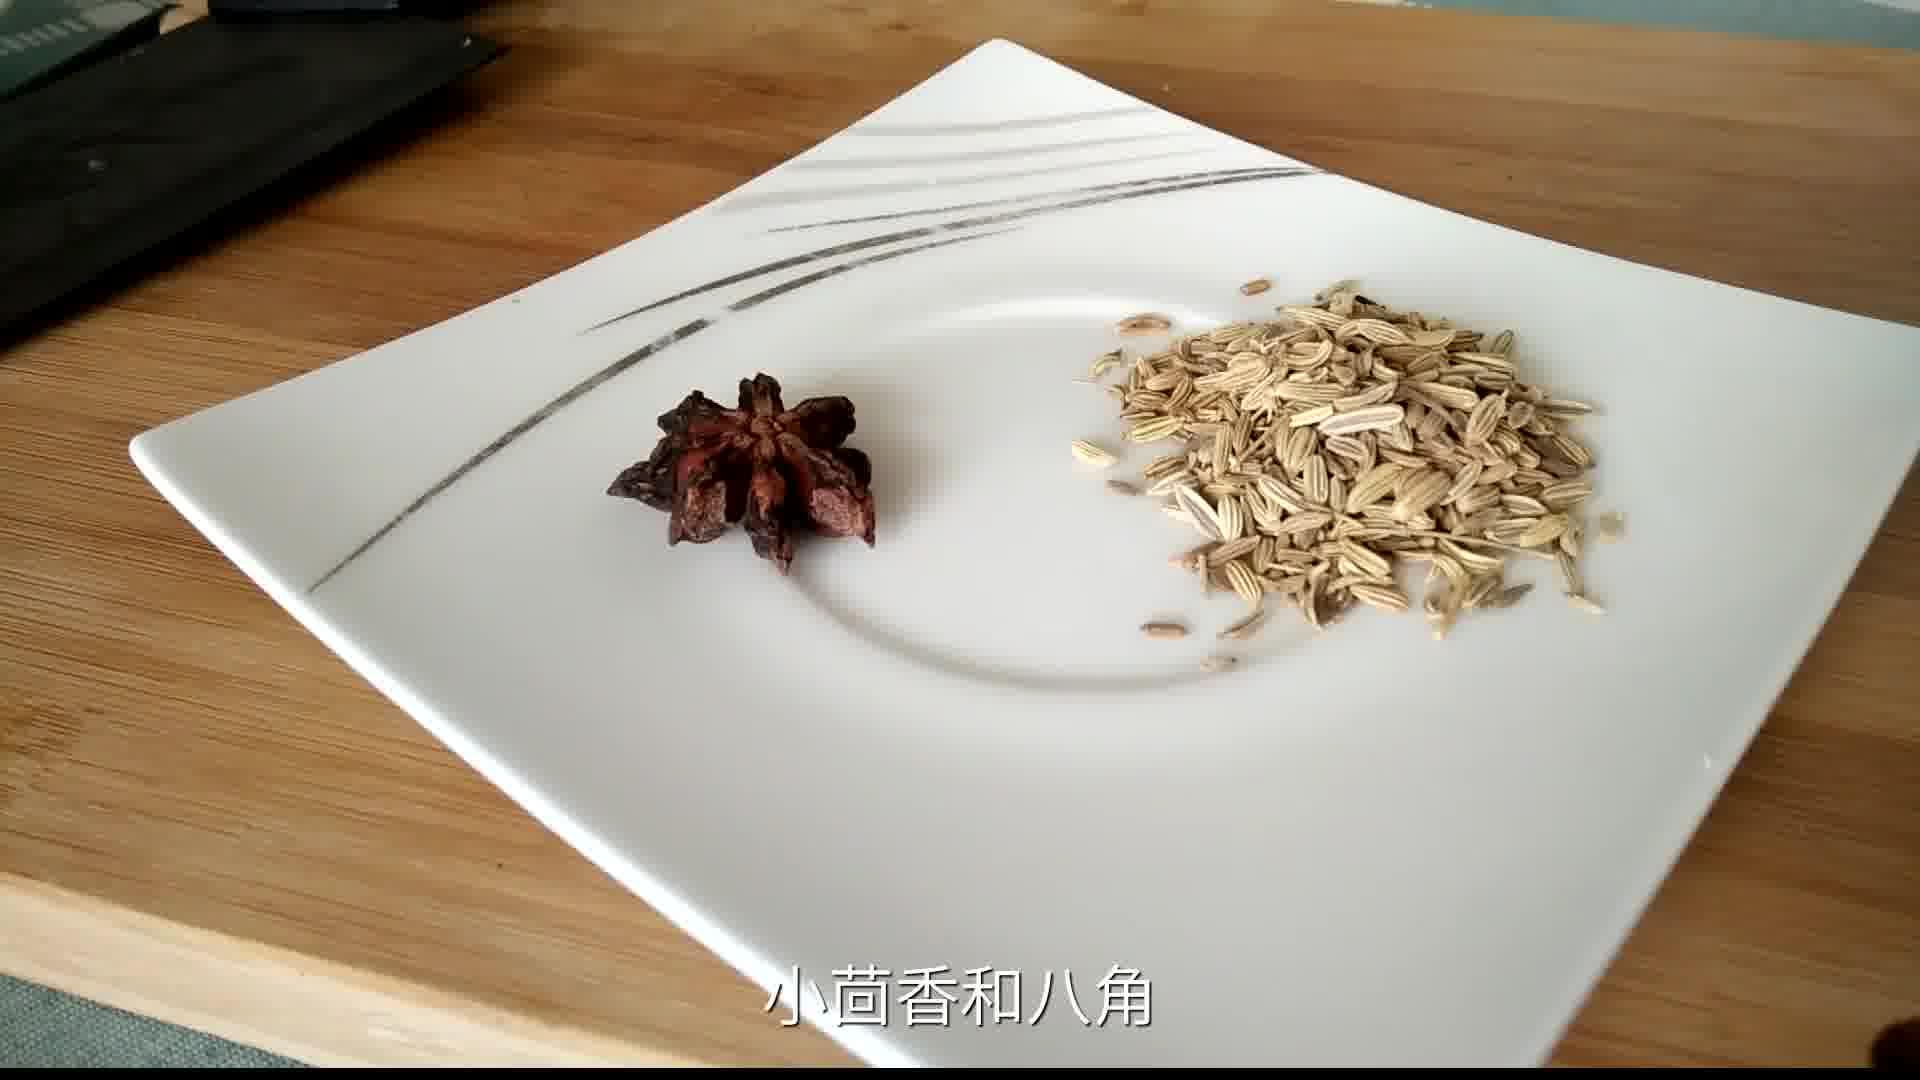 小茴香,牛尾,小米椒孜然,再放入煸炒放入2分钟,翻炒羊肉粉02:44大连到哪买洋葱骨?图片